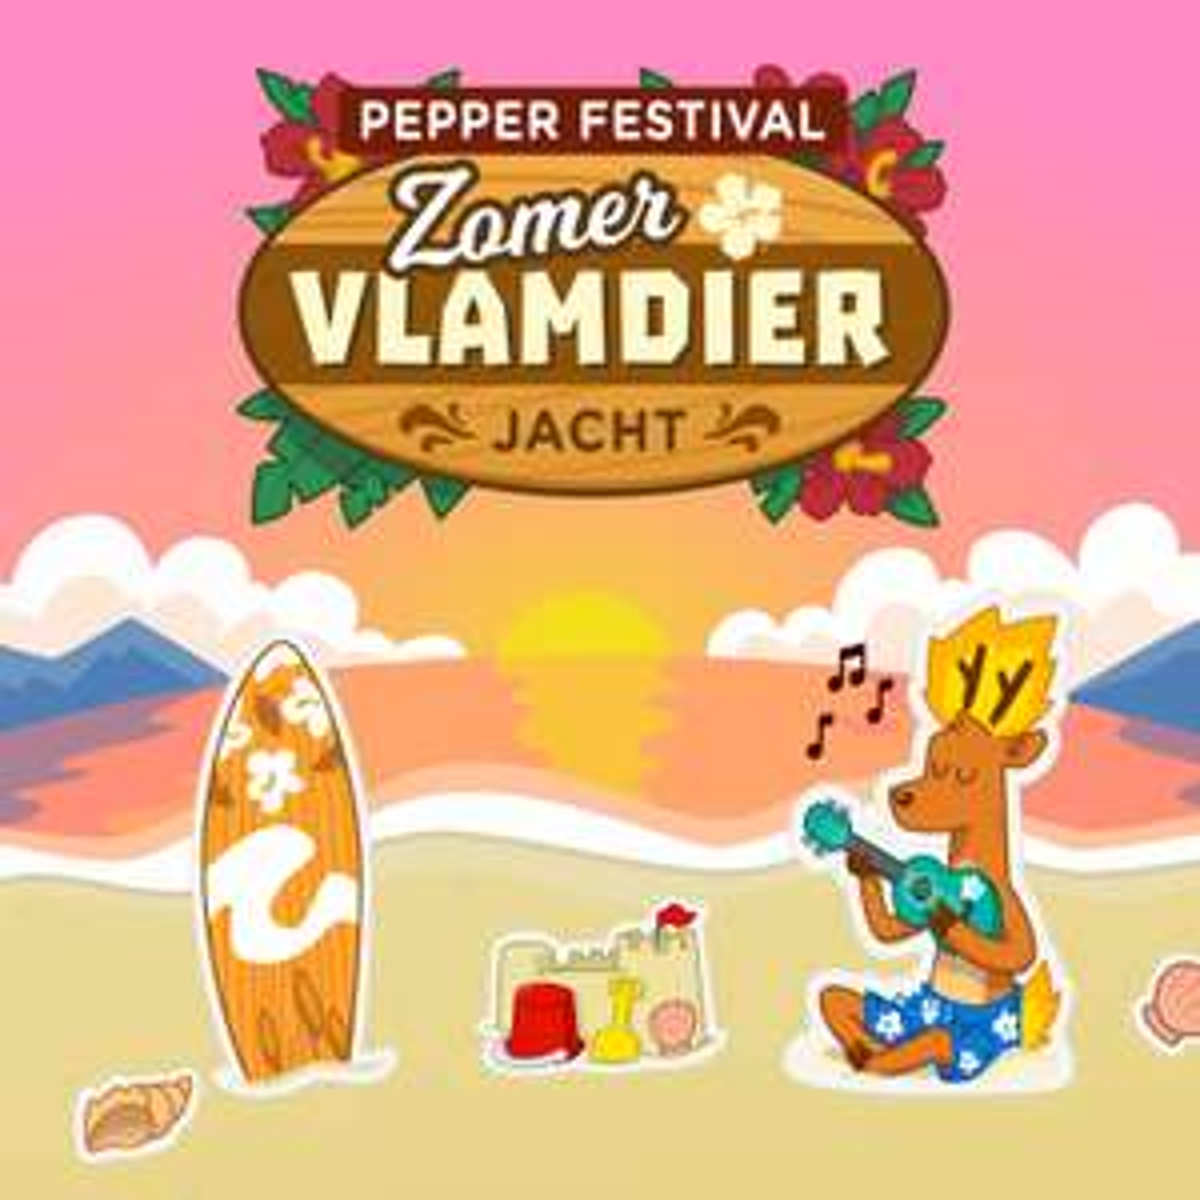 Pepper Festival - Zomer Vlamdier Jacht